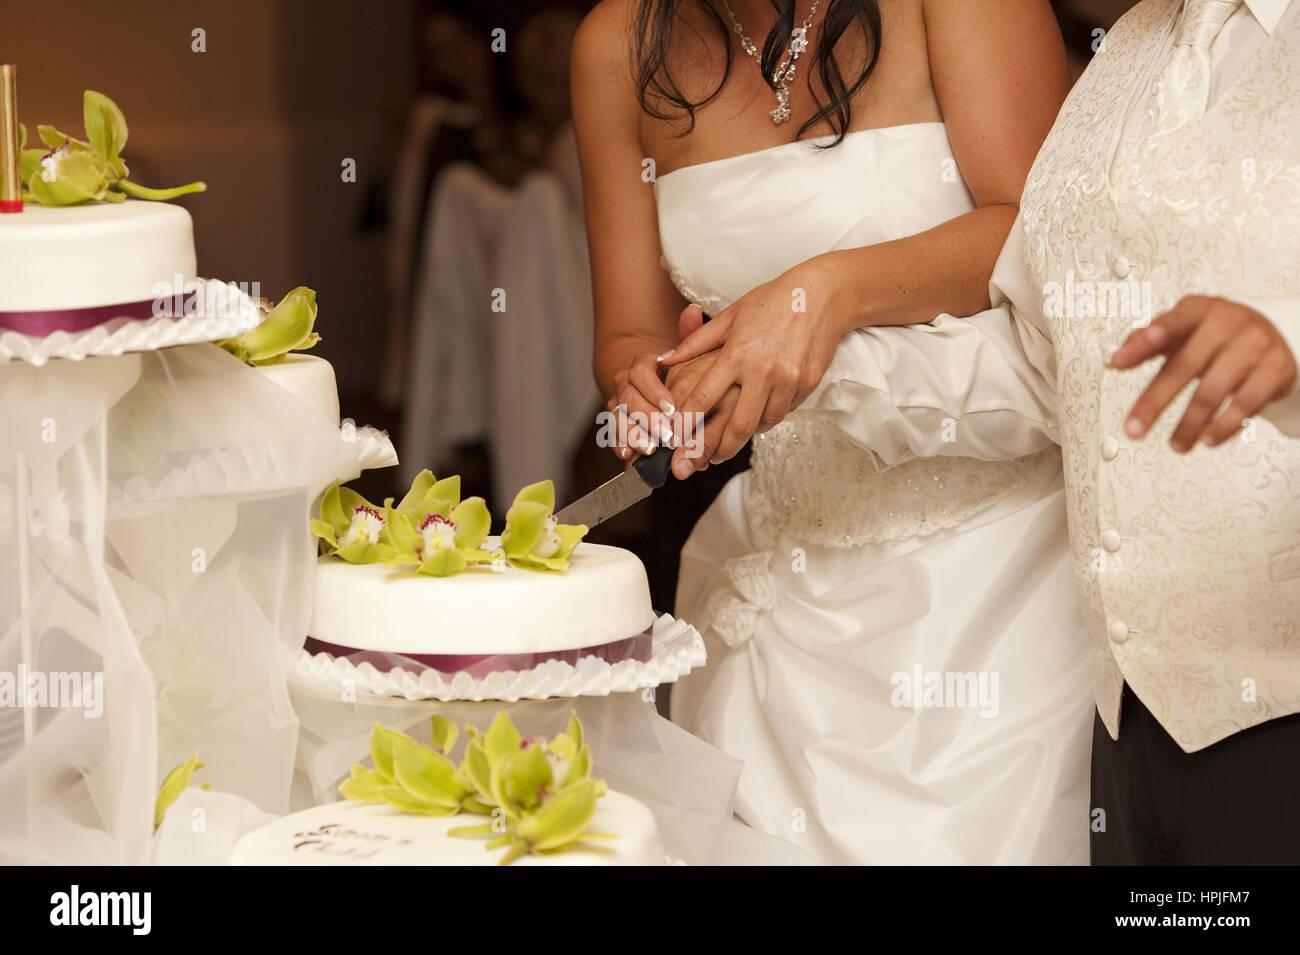 Brautpaar Schneidet Hochzeitstorte An Bridal Couple Cutting